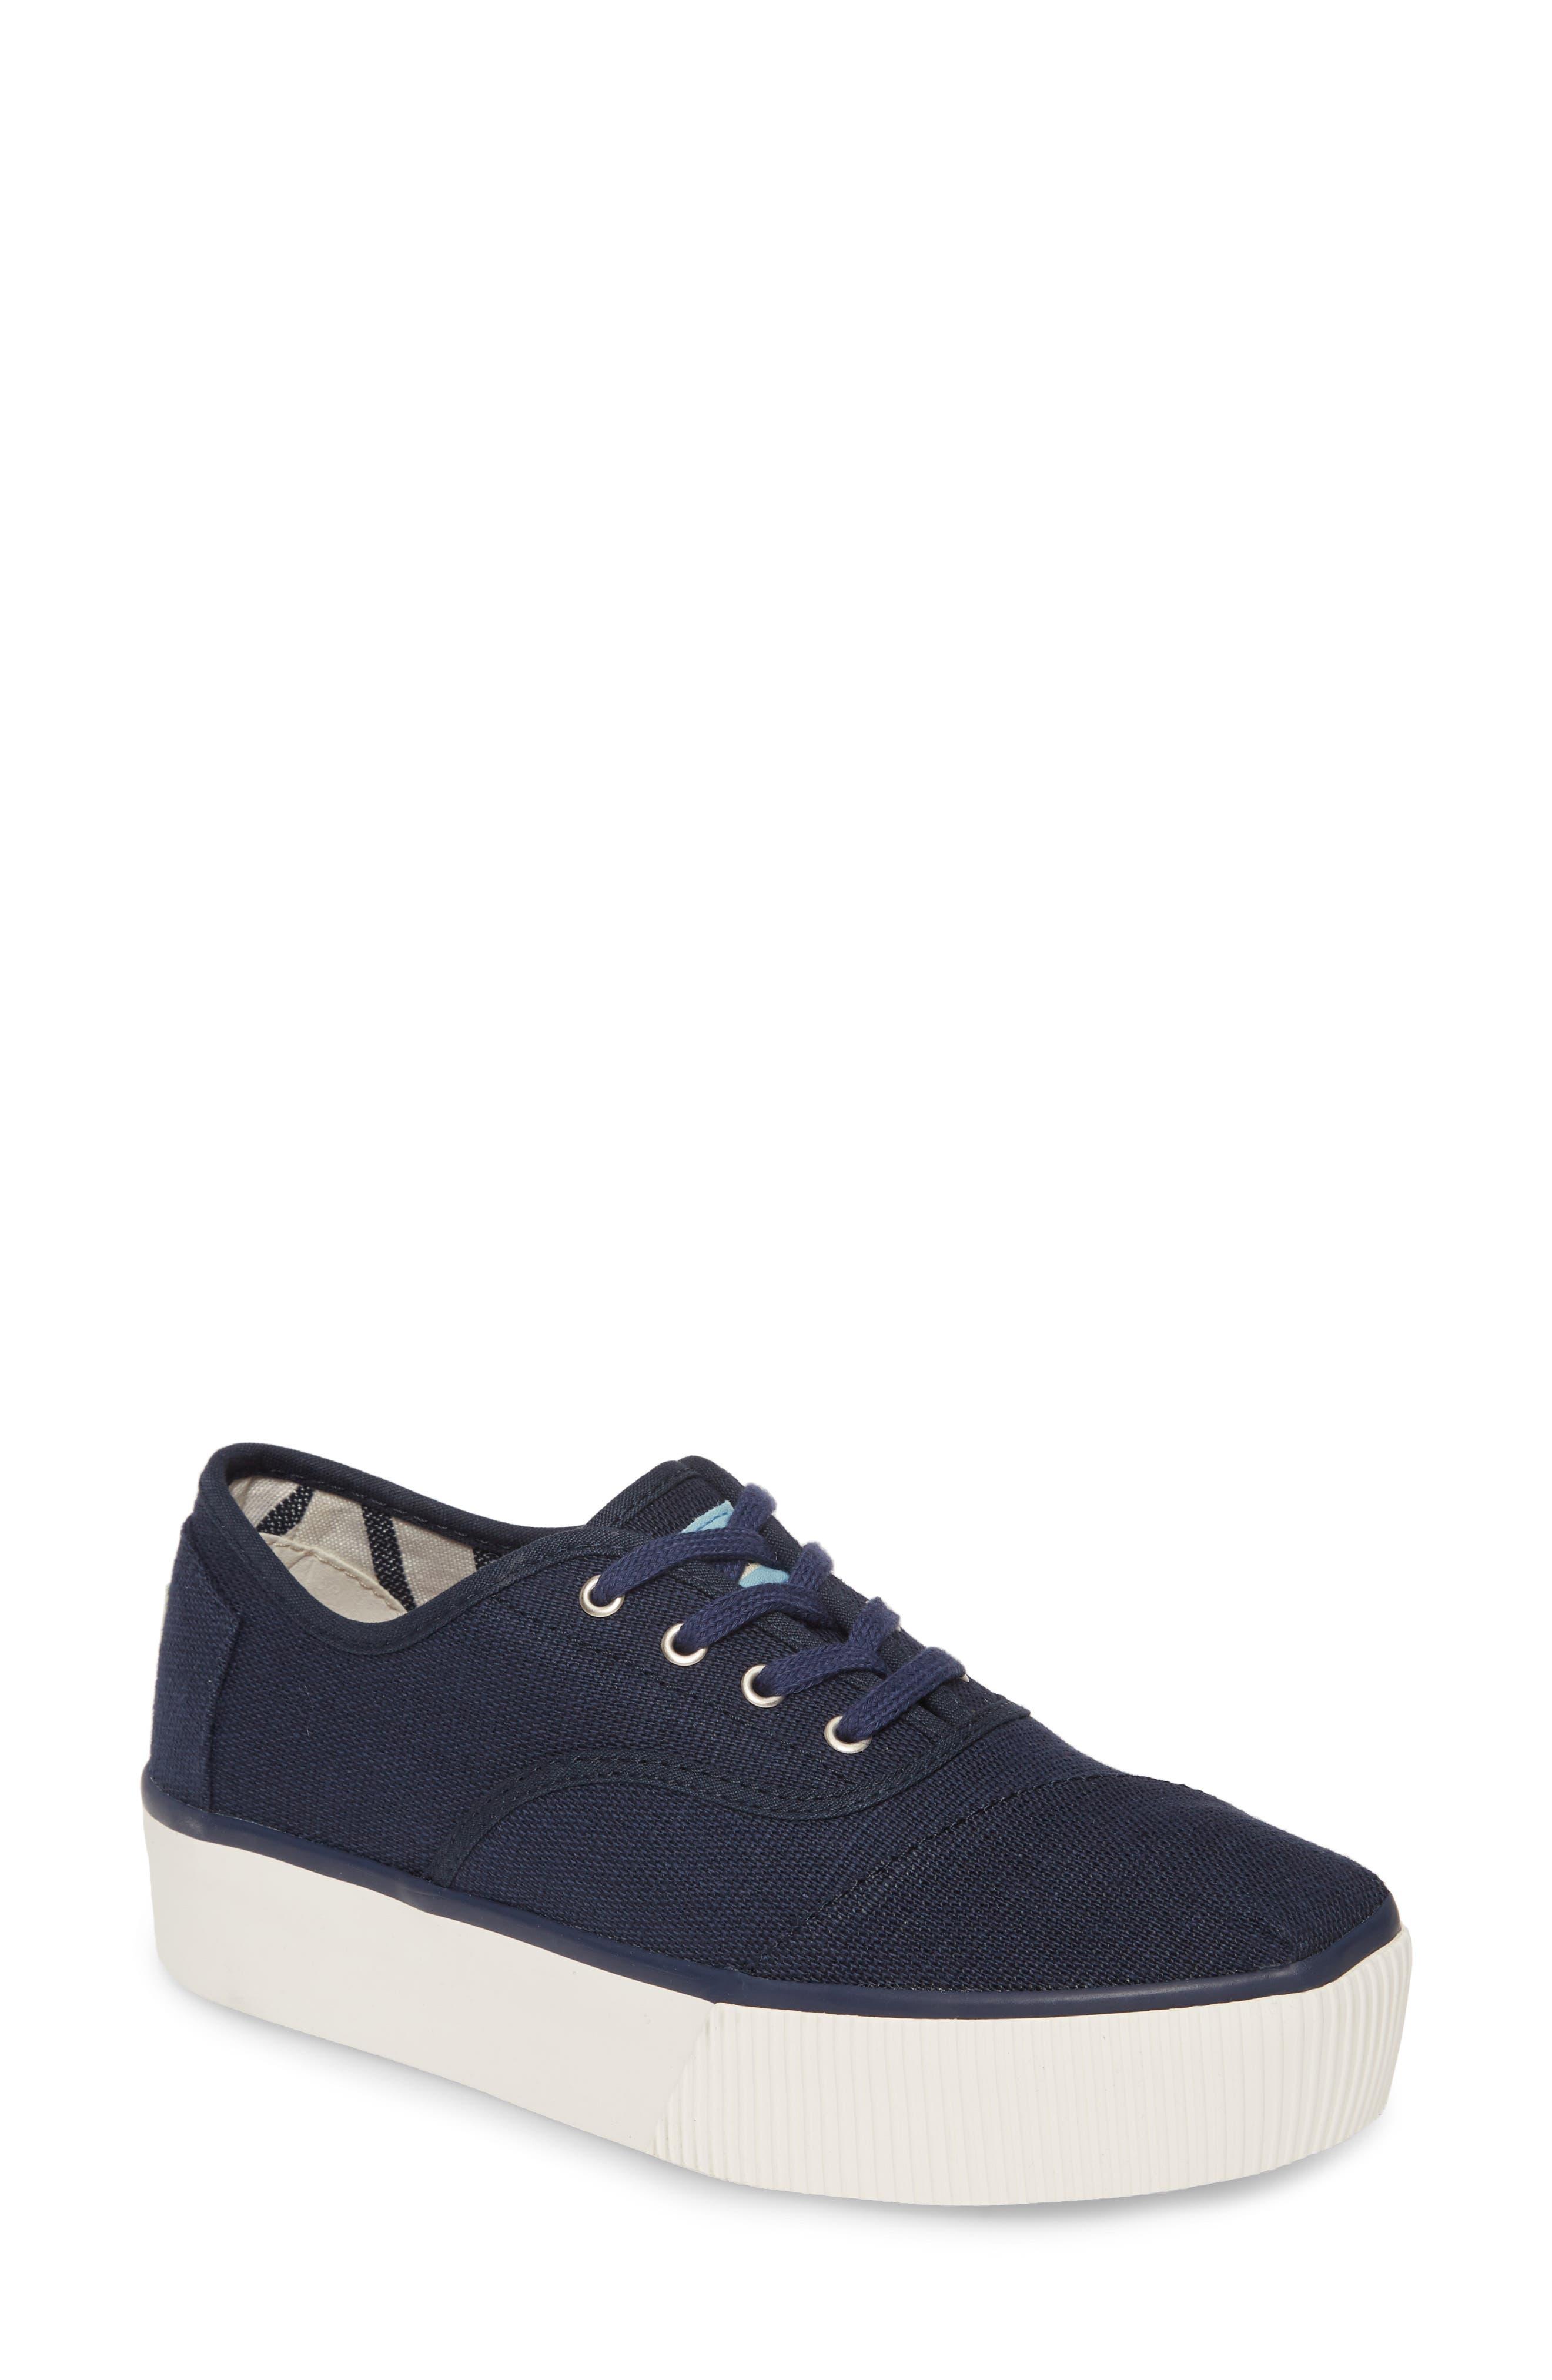 Toms Cordones Boardwalk Sneaker, Blue